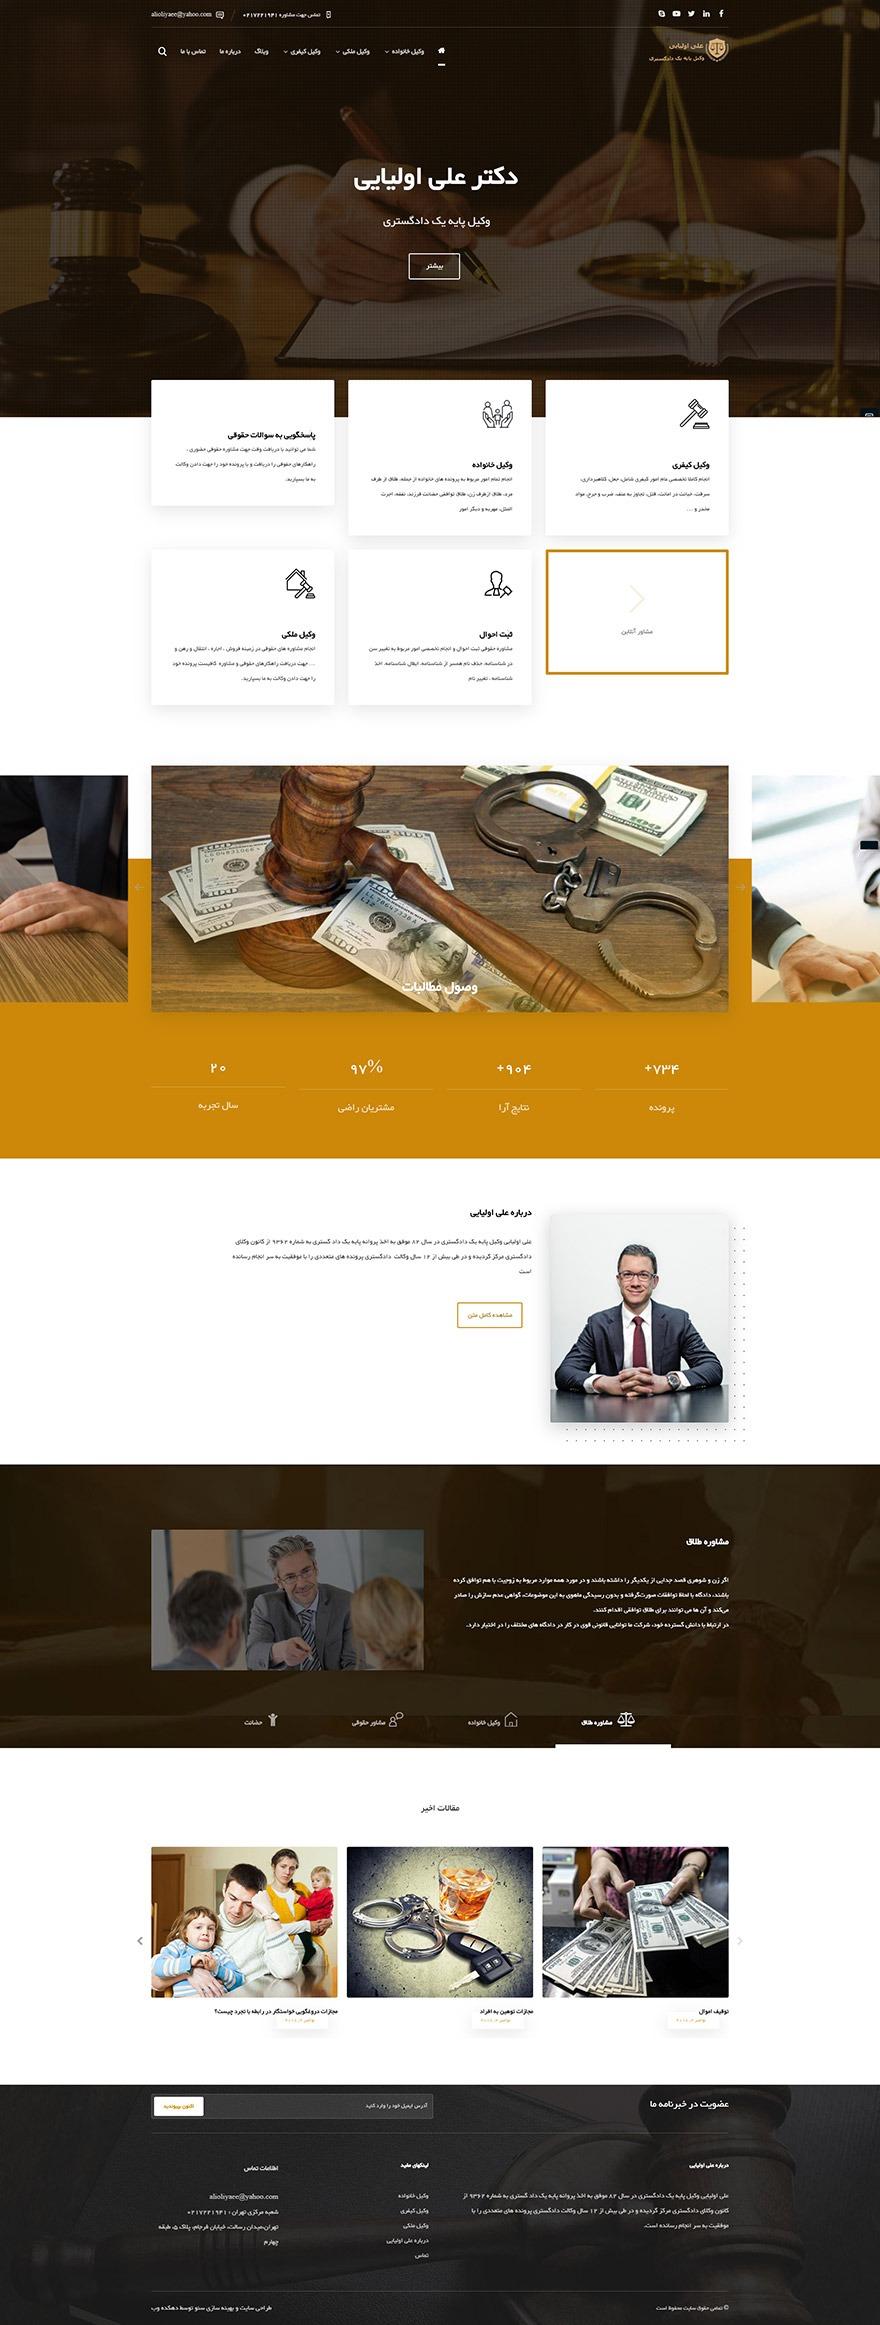 طراحی سایت موسسه حقوقی